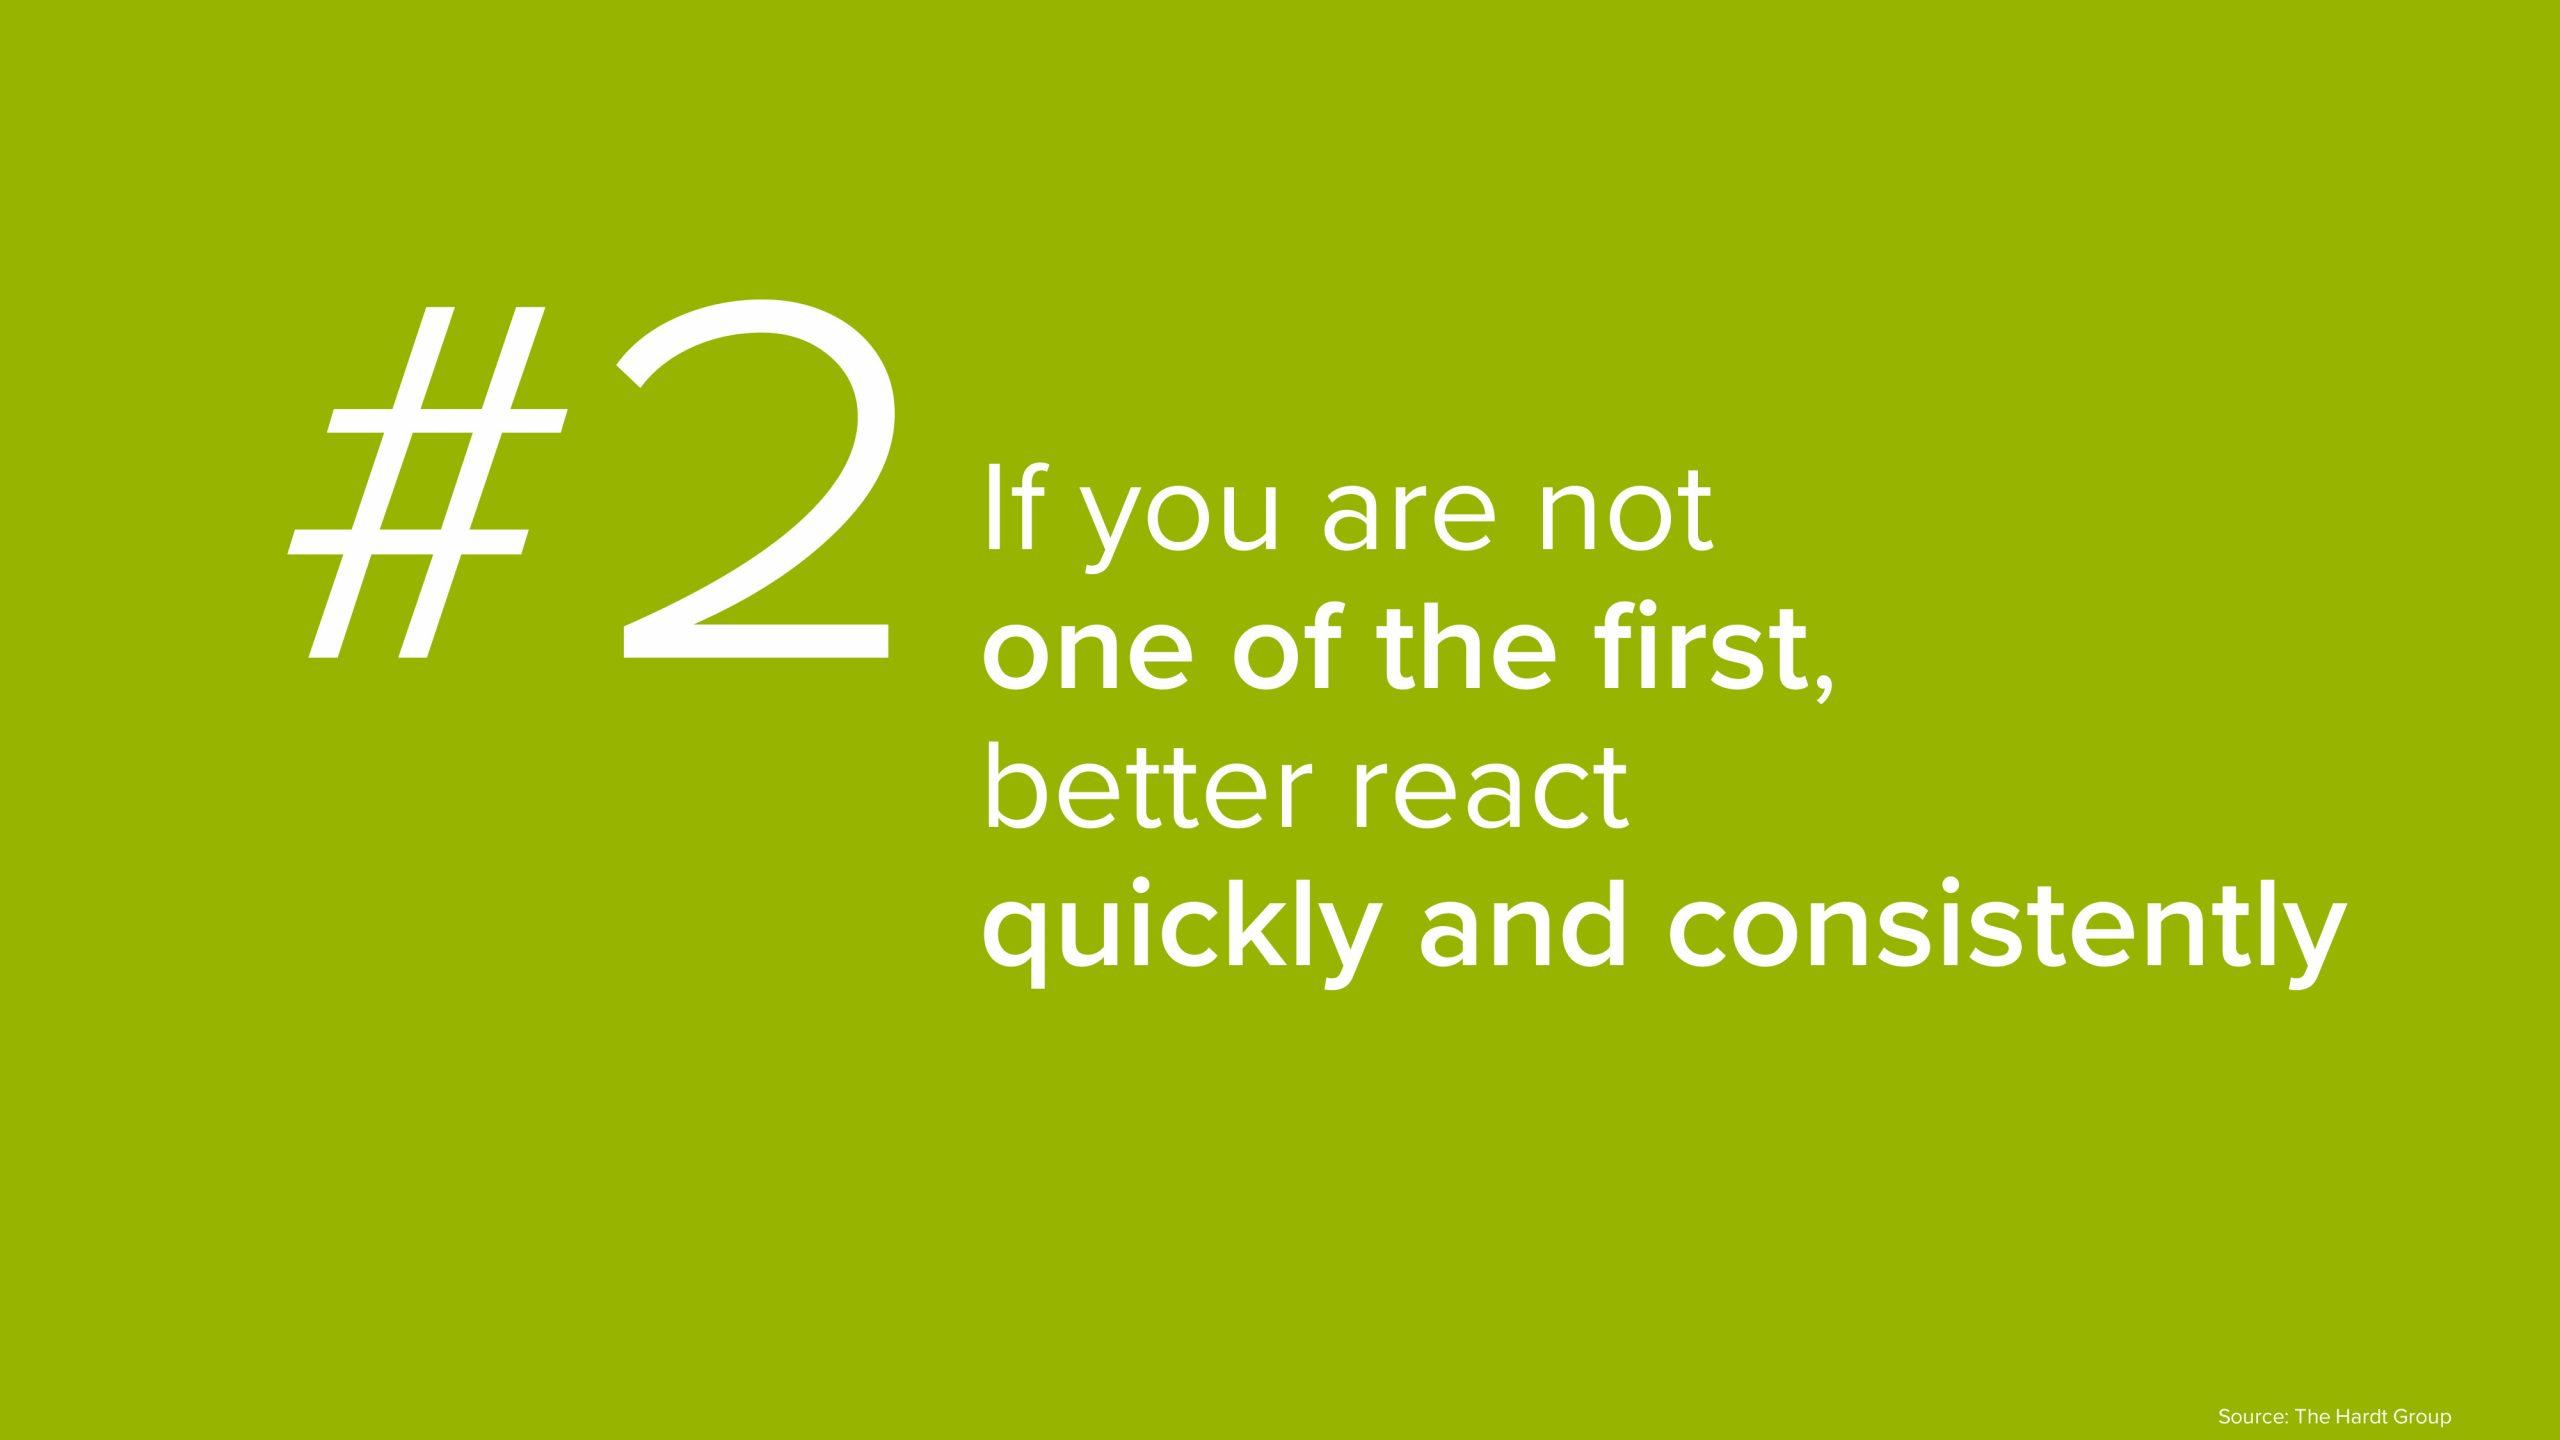 #2 – Wenn man nicht zu den ersten gehört, dann reagiert man schnell und konsequent